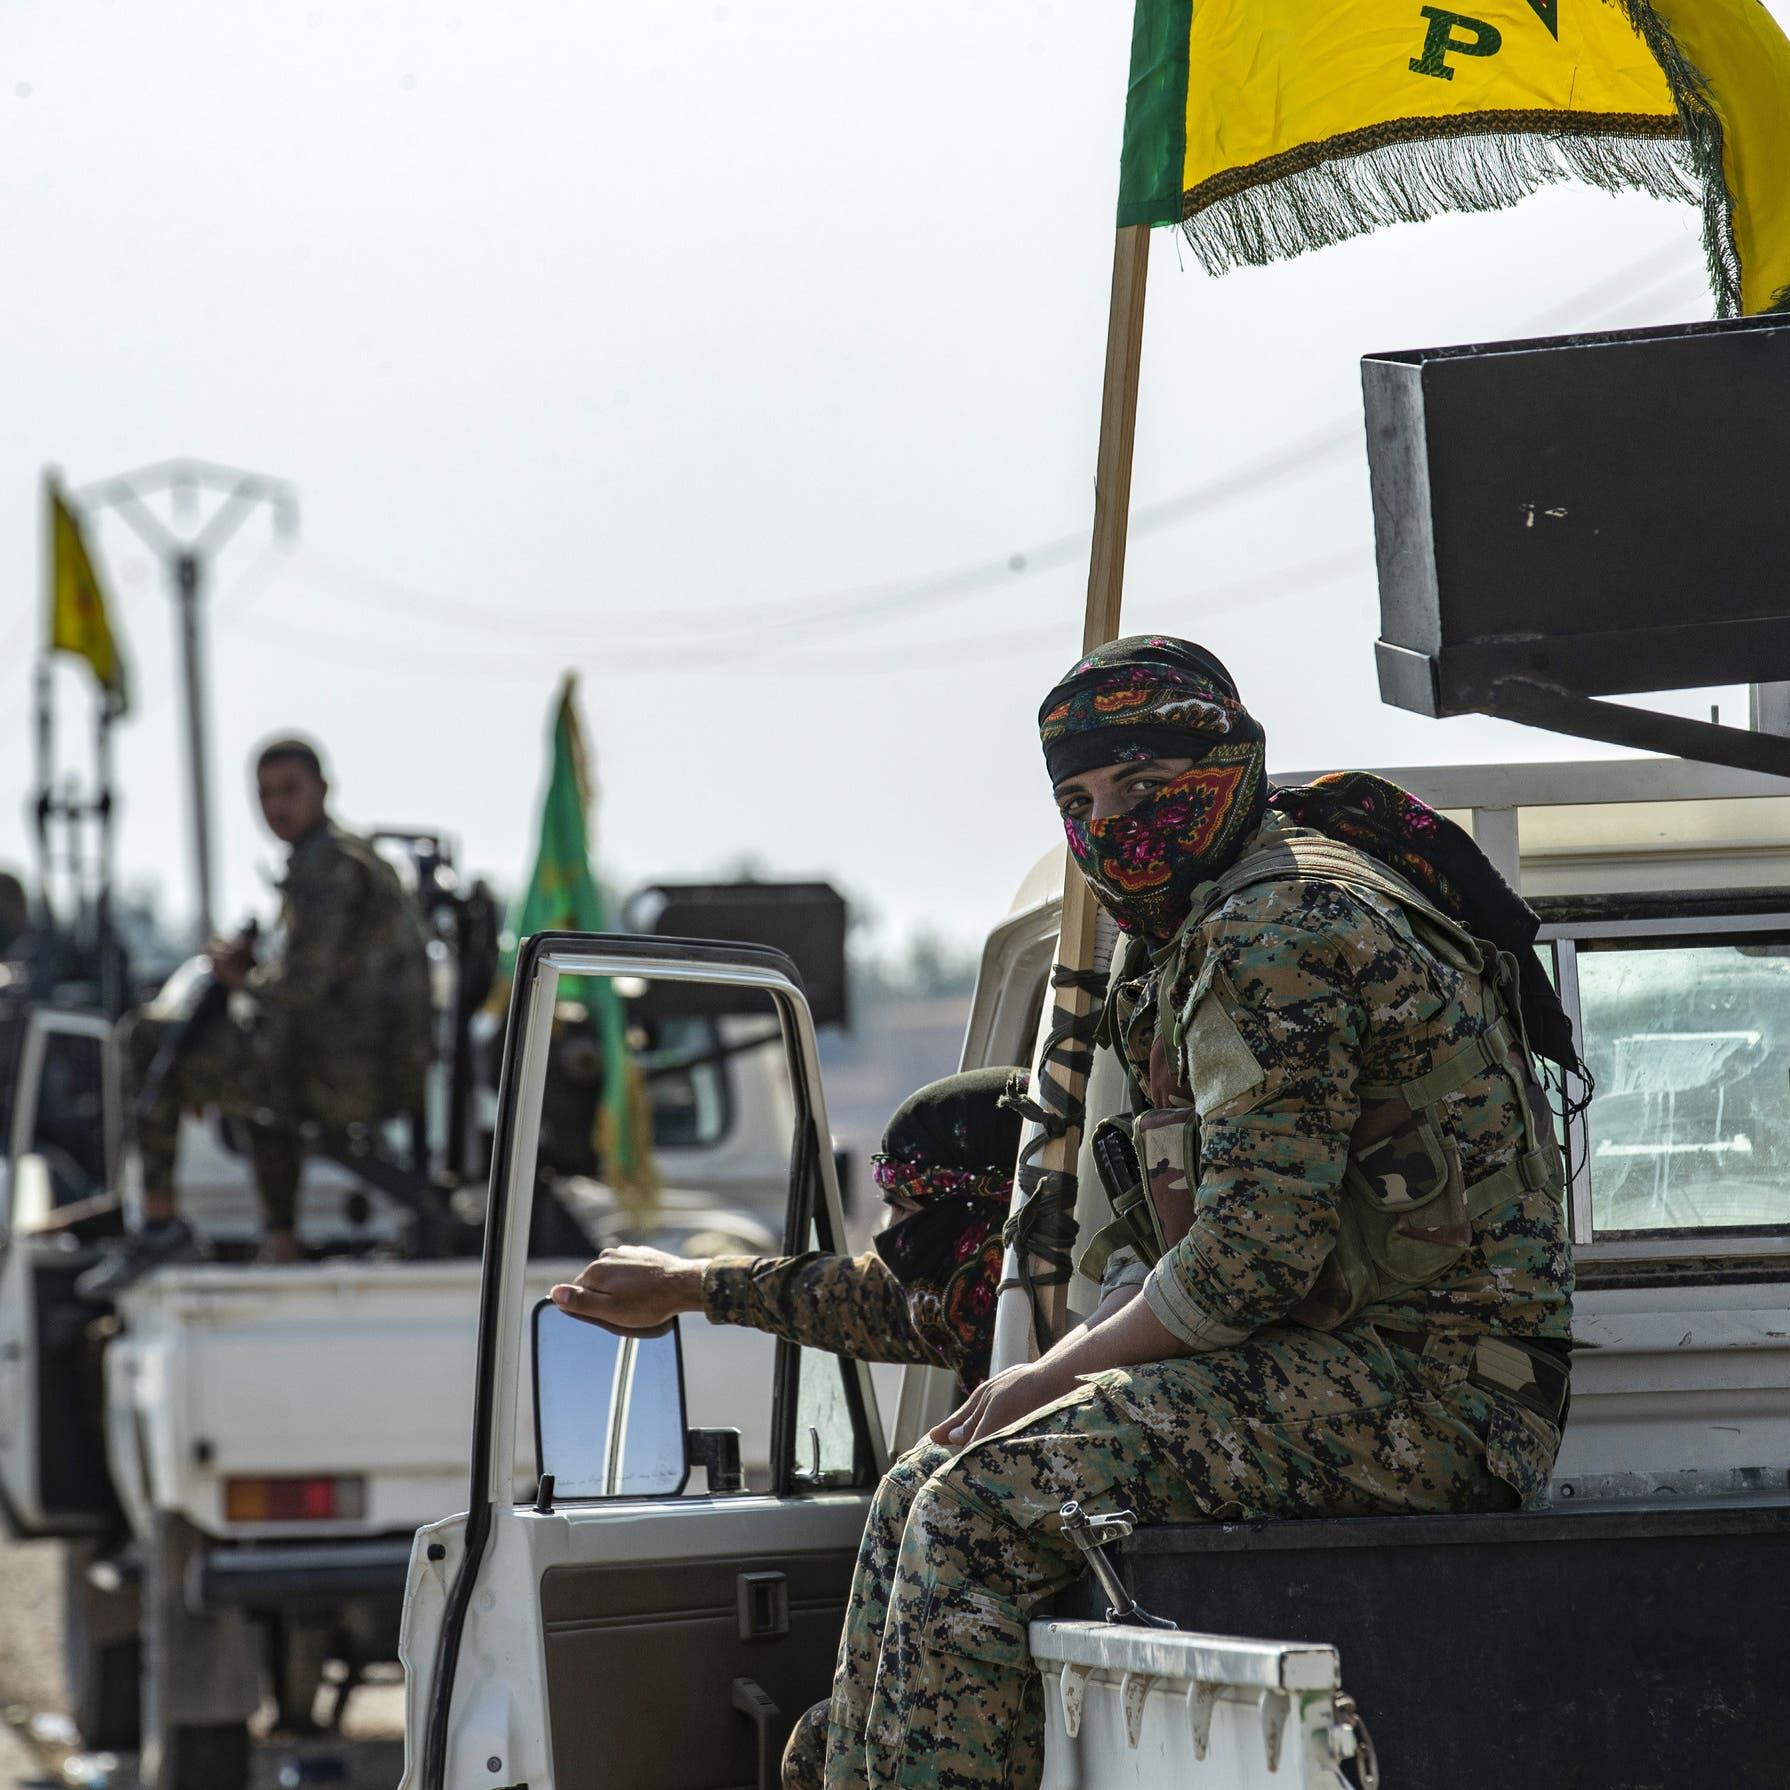 النظام السوري يدعو قوات سوريا الديمقراطية للانخراط في صفوفه